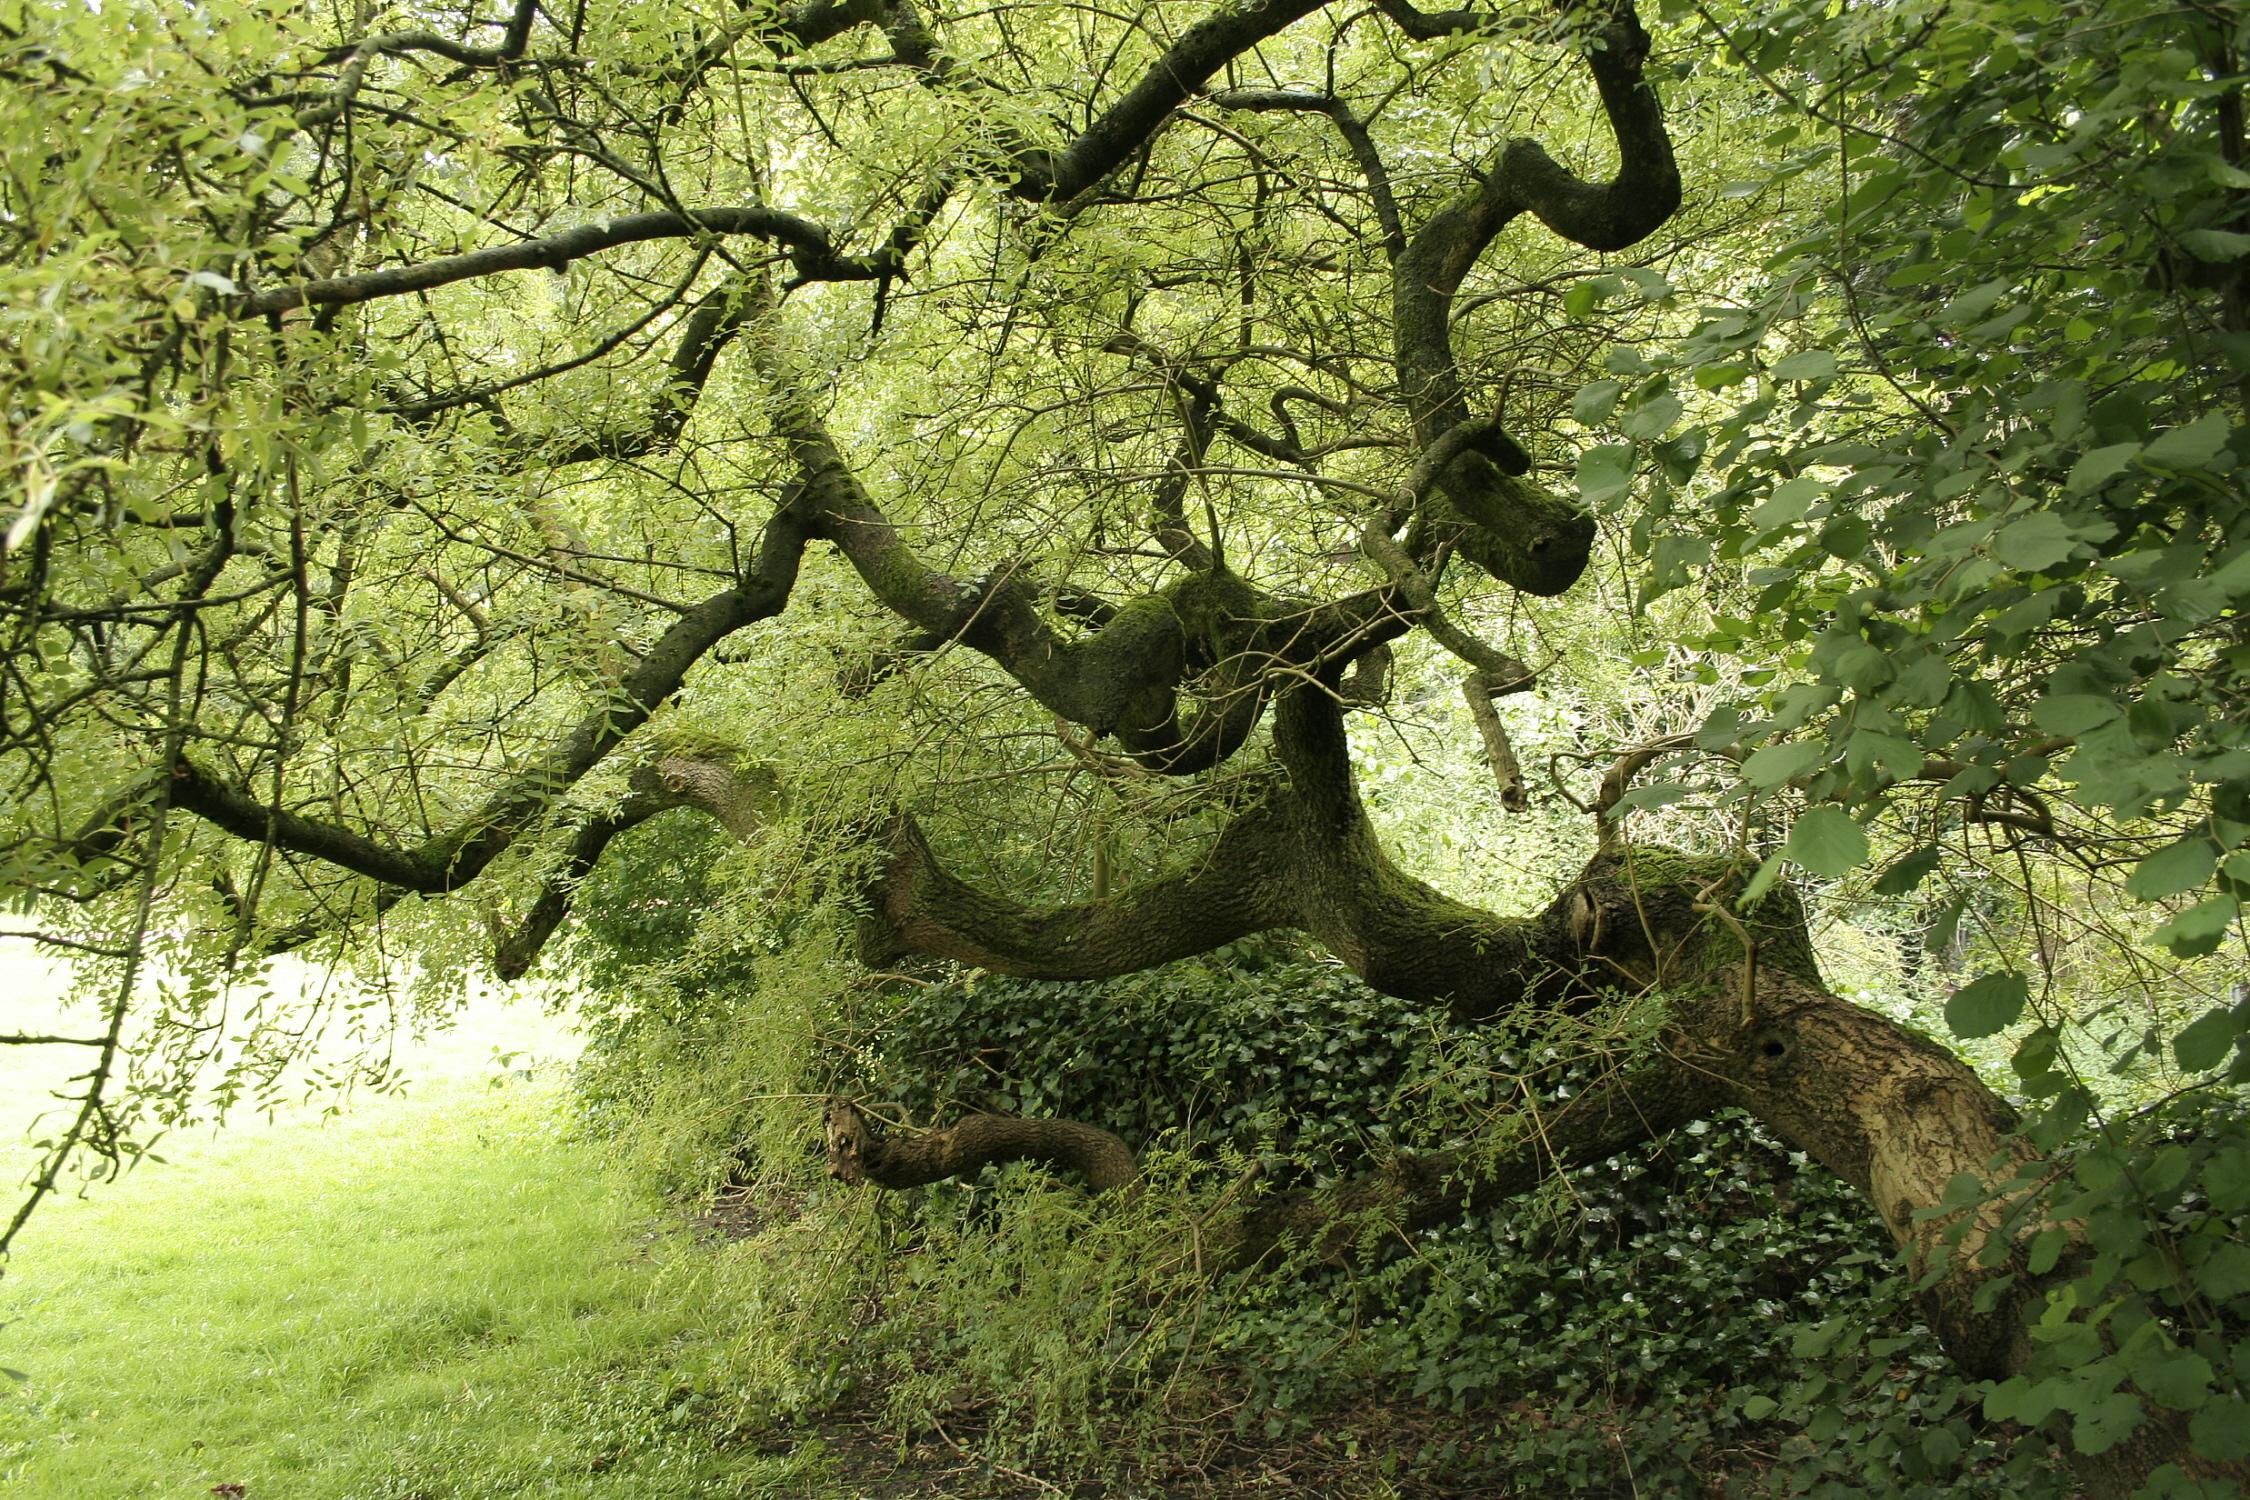 Weeping tree - Wikipedia